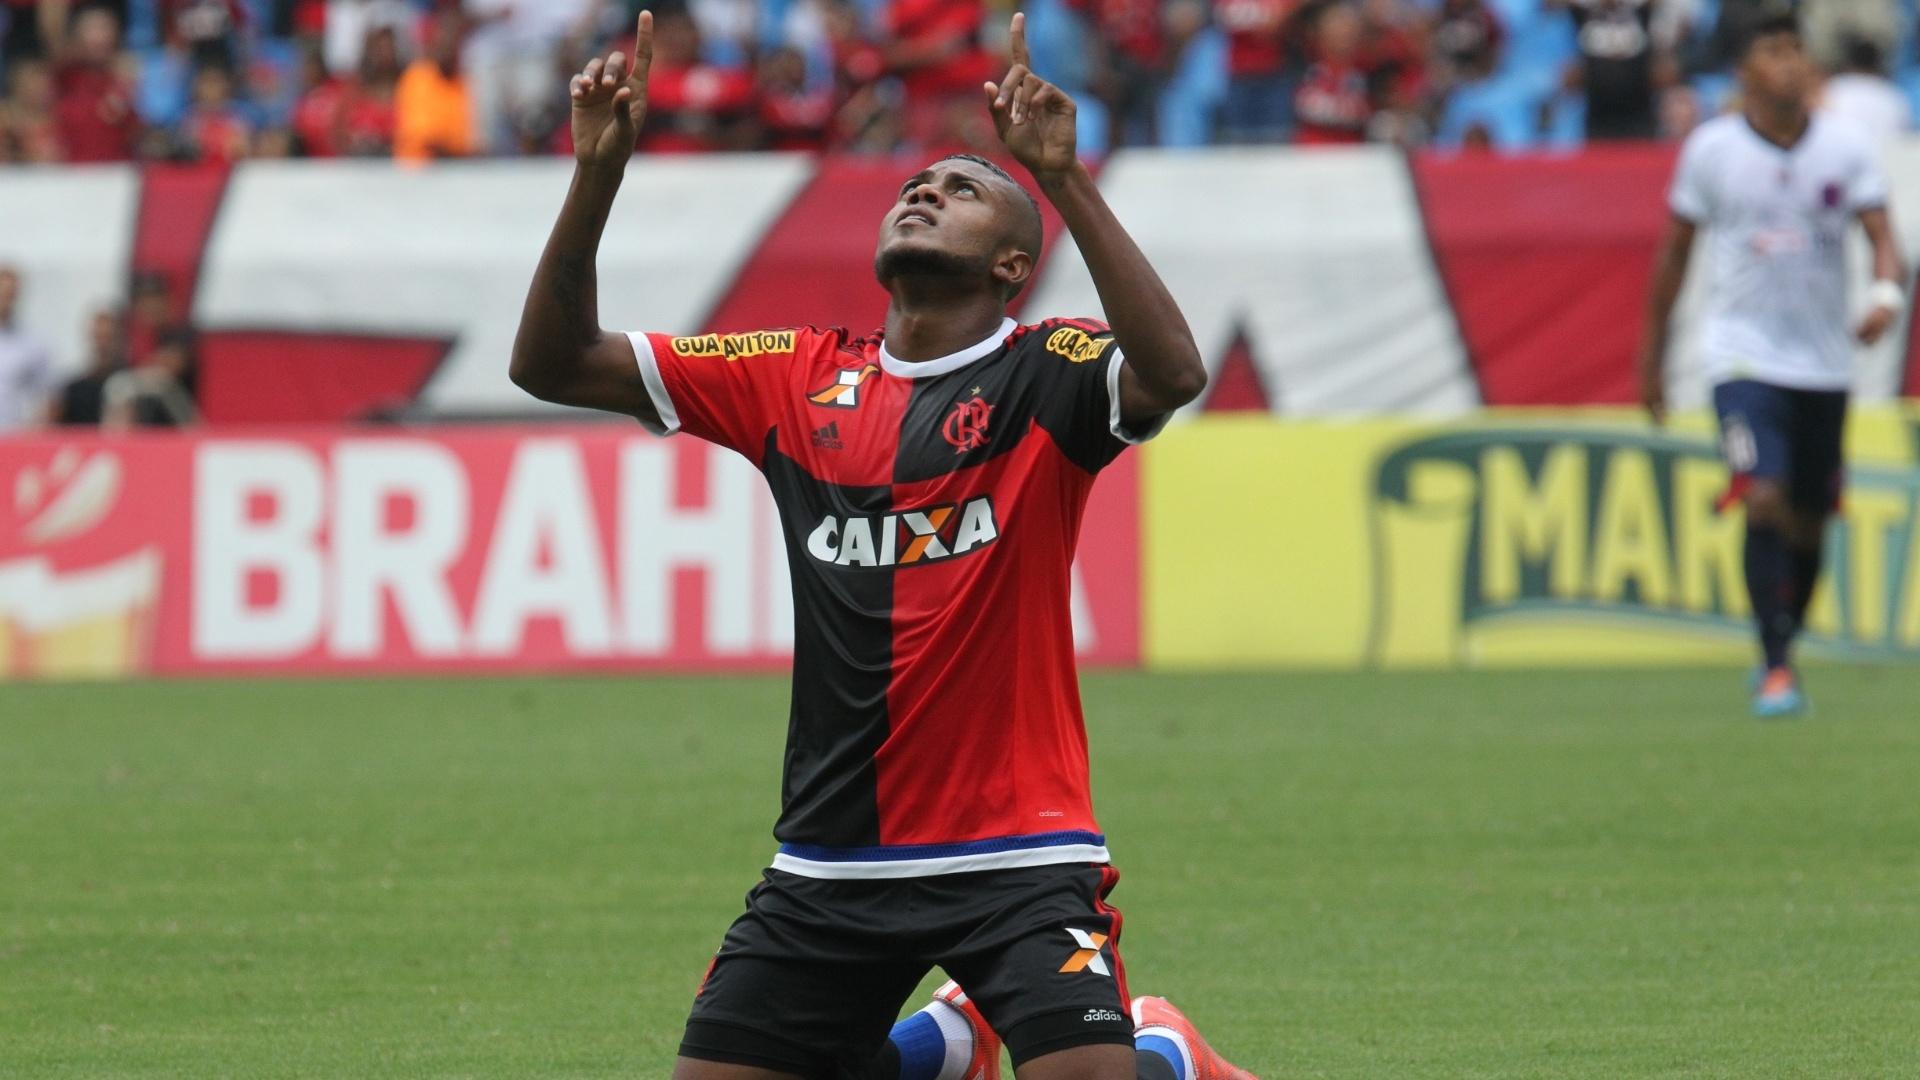 Marcelo Cirino comemora o primeiro gol na vitória por 2 a 0 do Flamengo sobre o Bonsucesso